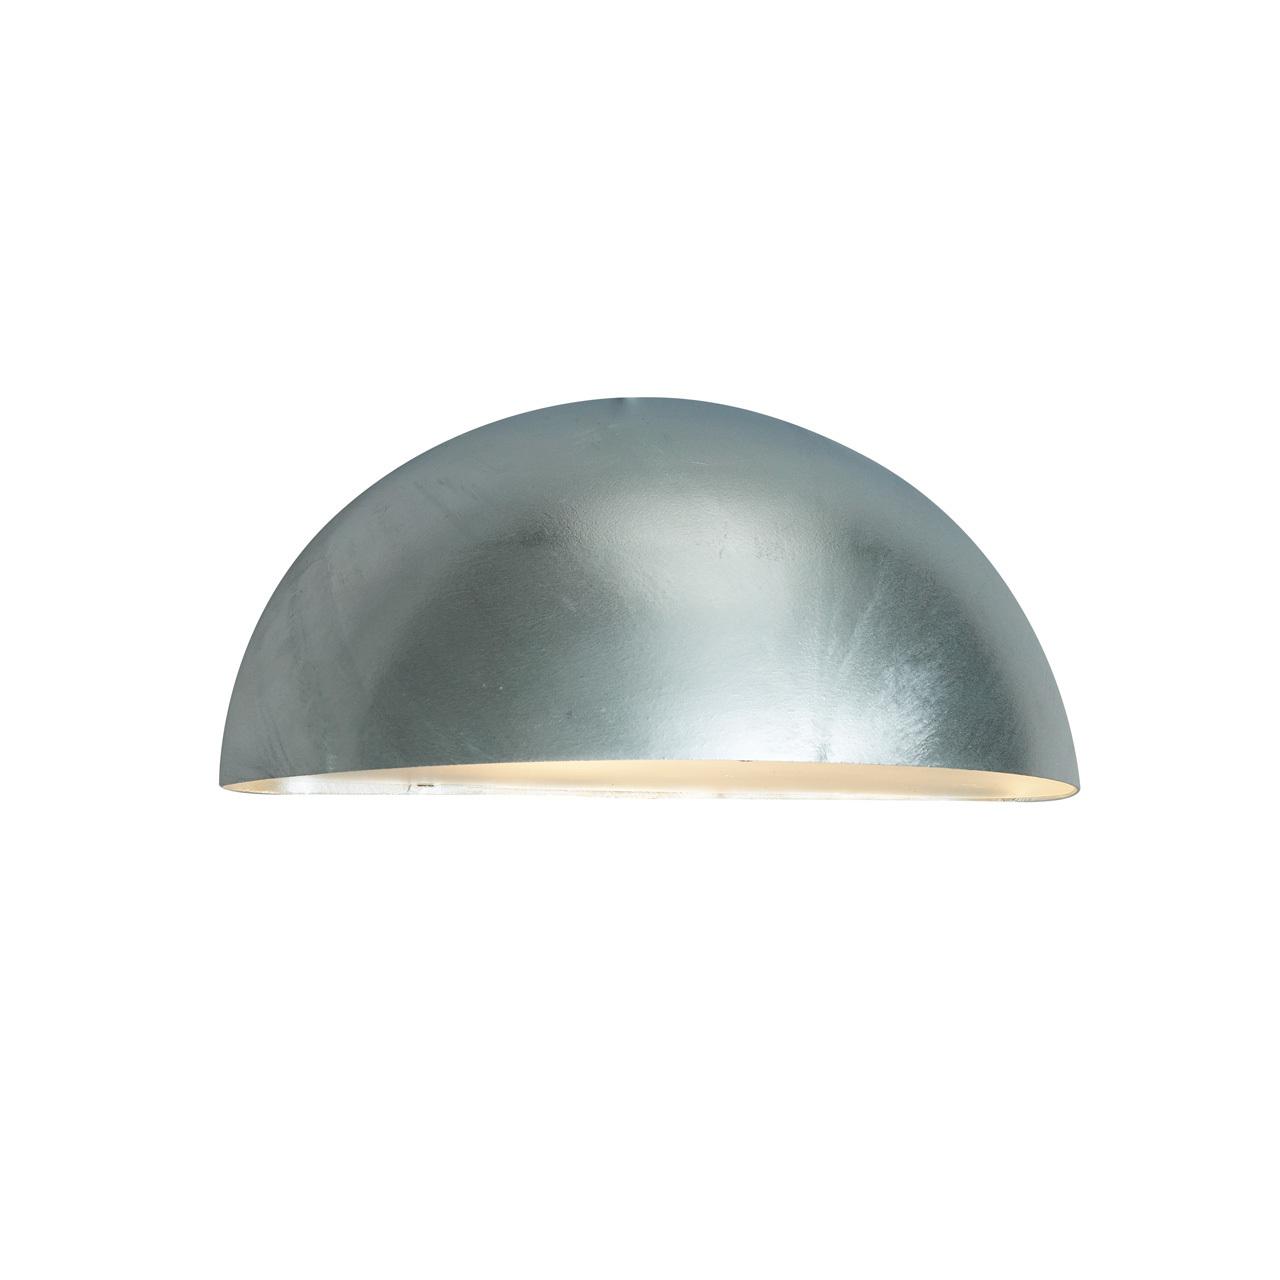 Lampa ścienna PARIS 163GA -Norlys  SPRAWDŹ RABATY  5-10-15-20 % w koszyku